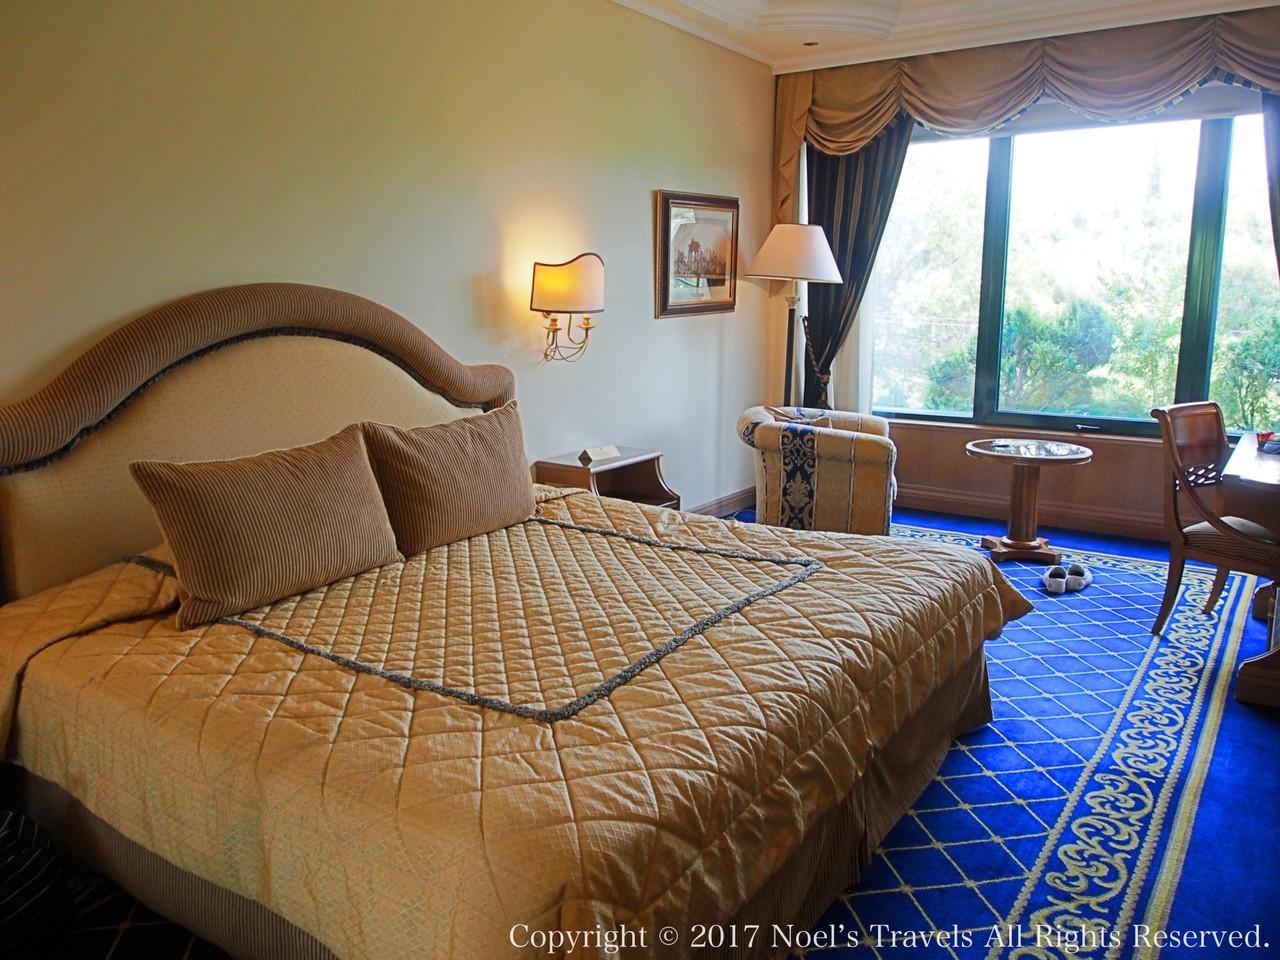 ロイヤル・オリンピック・ホテル・アテネの客室